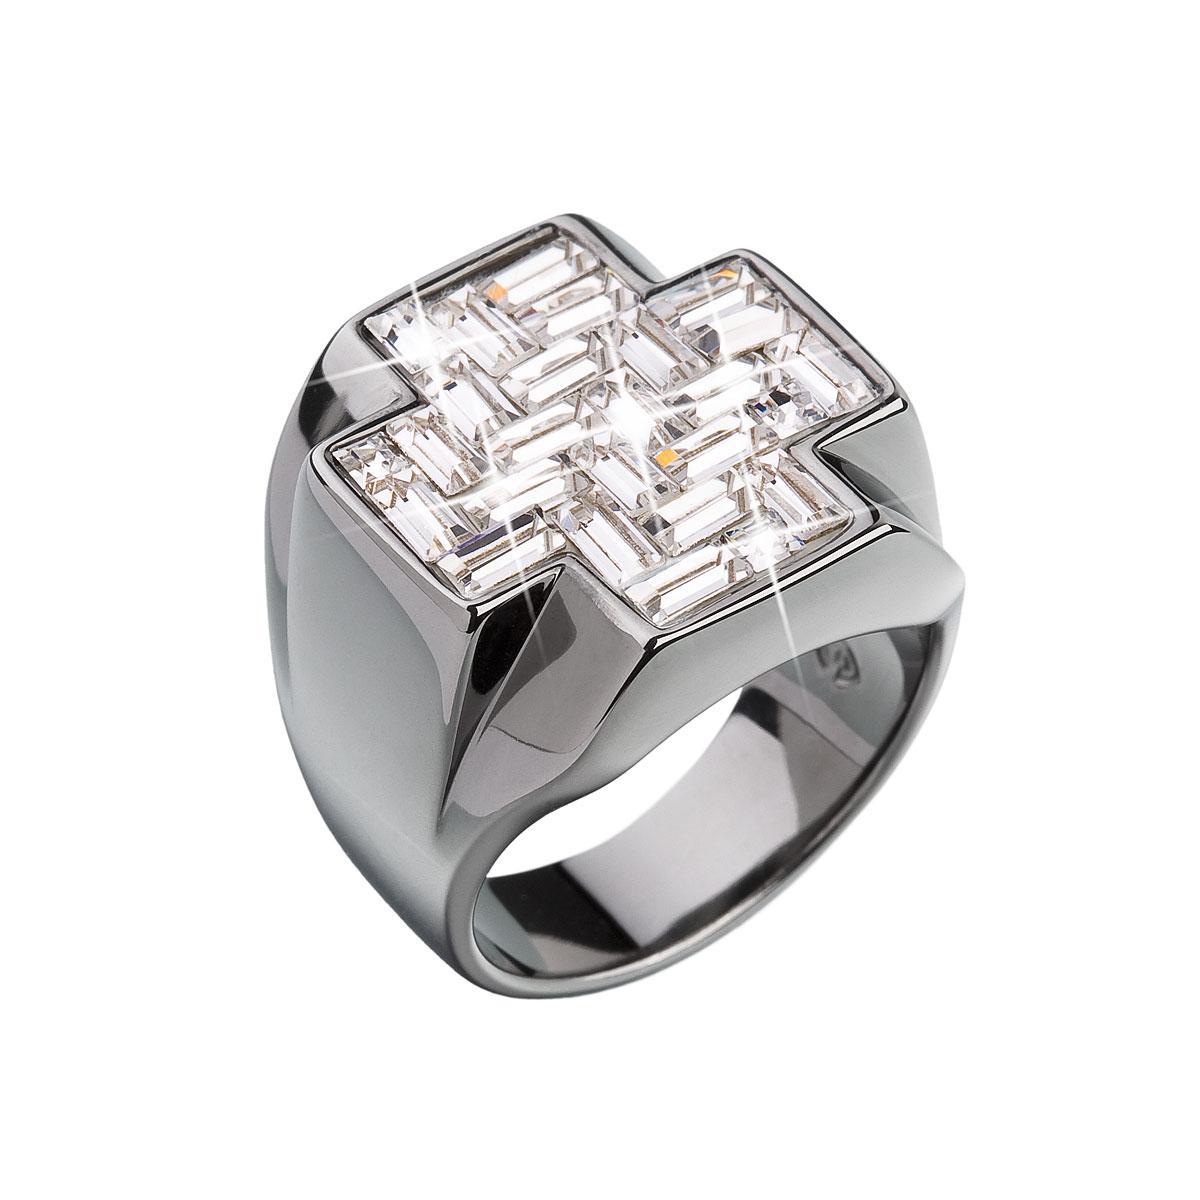 Strieborný prsteň s krištálmi biely kríž 35811.1